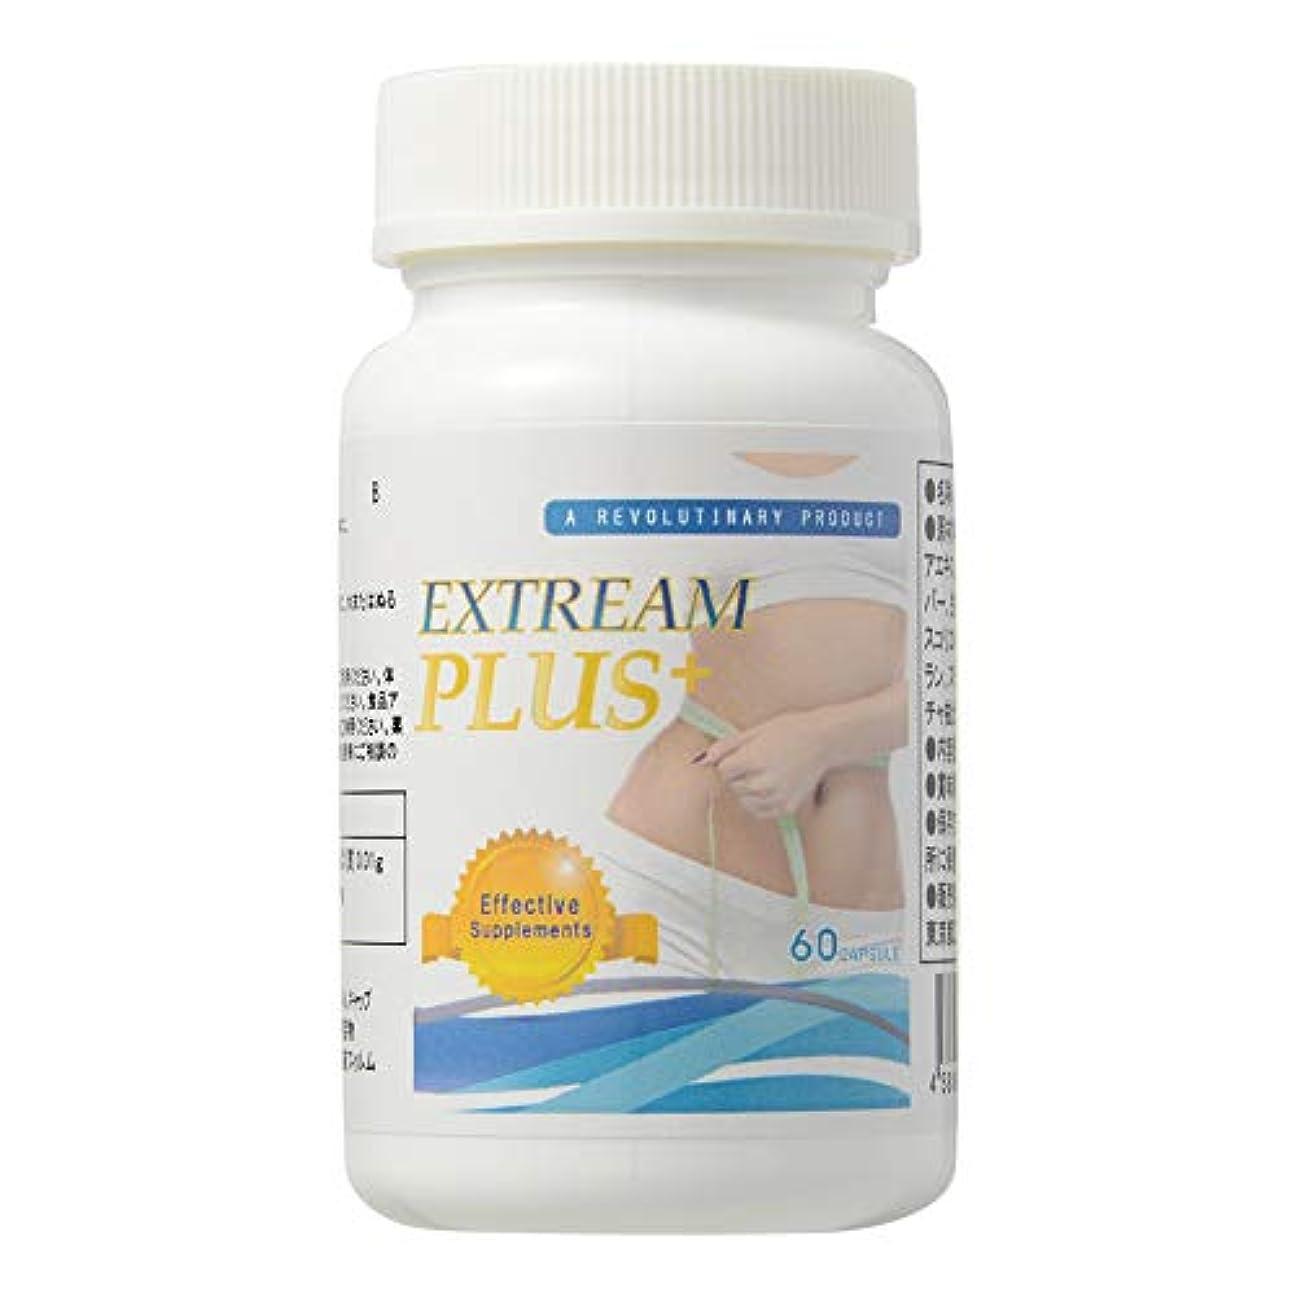 痴漢海岸カブExtream Plus (エクストリームプラス) 栄養補助食品 L-カルニチン サプリメント [250mg×60粒/ 説明書付き]